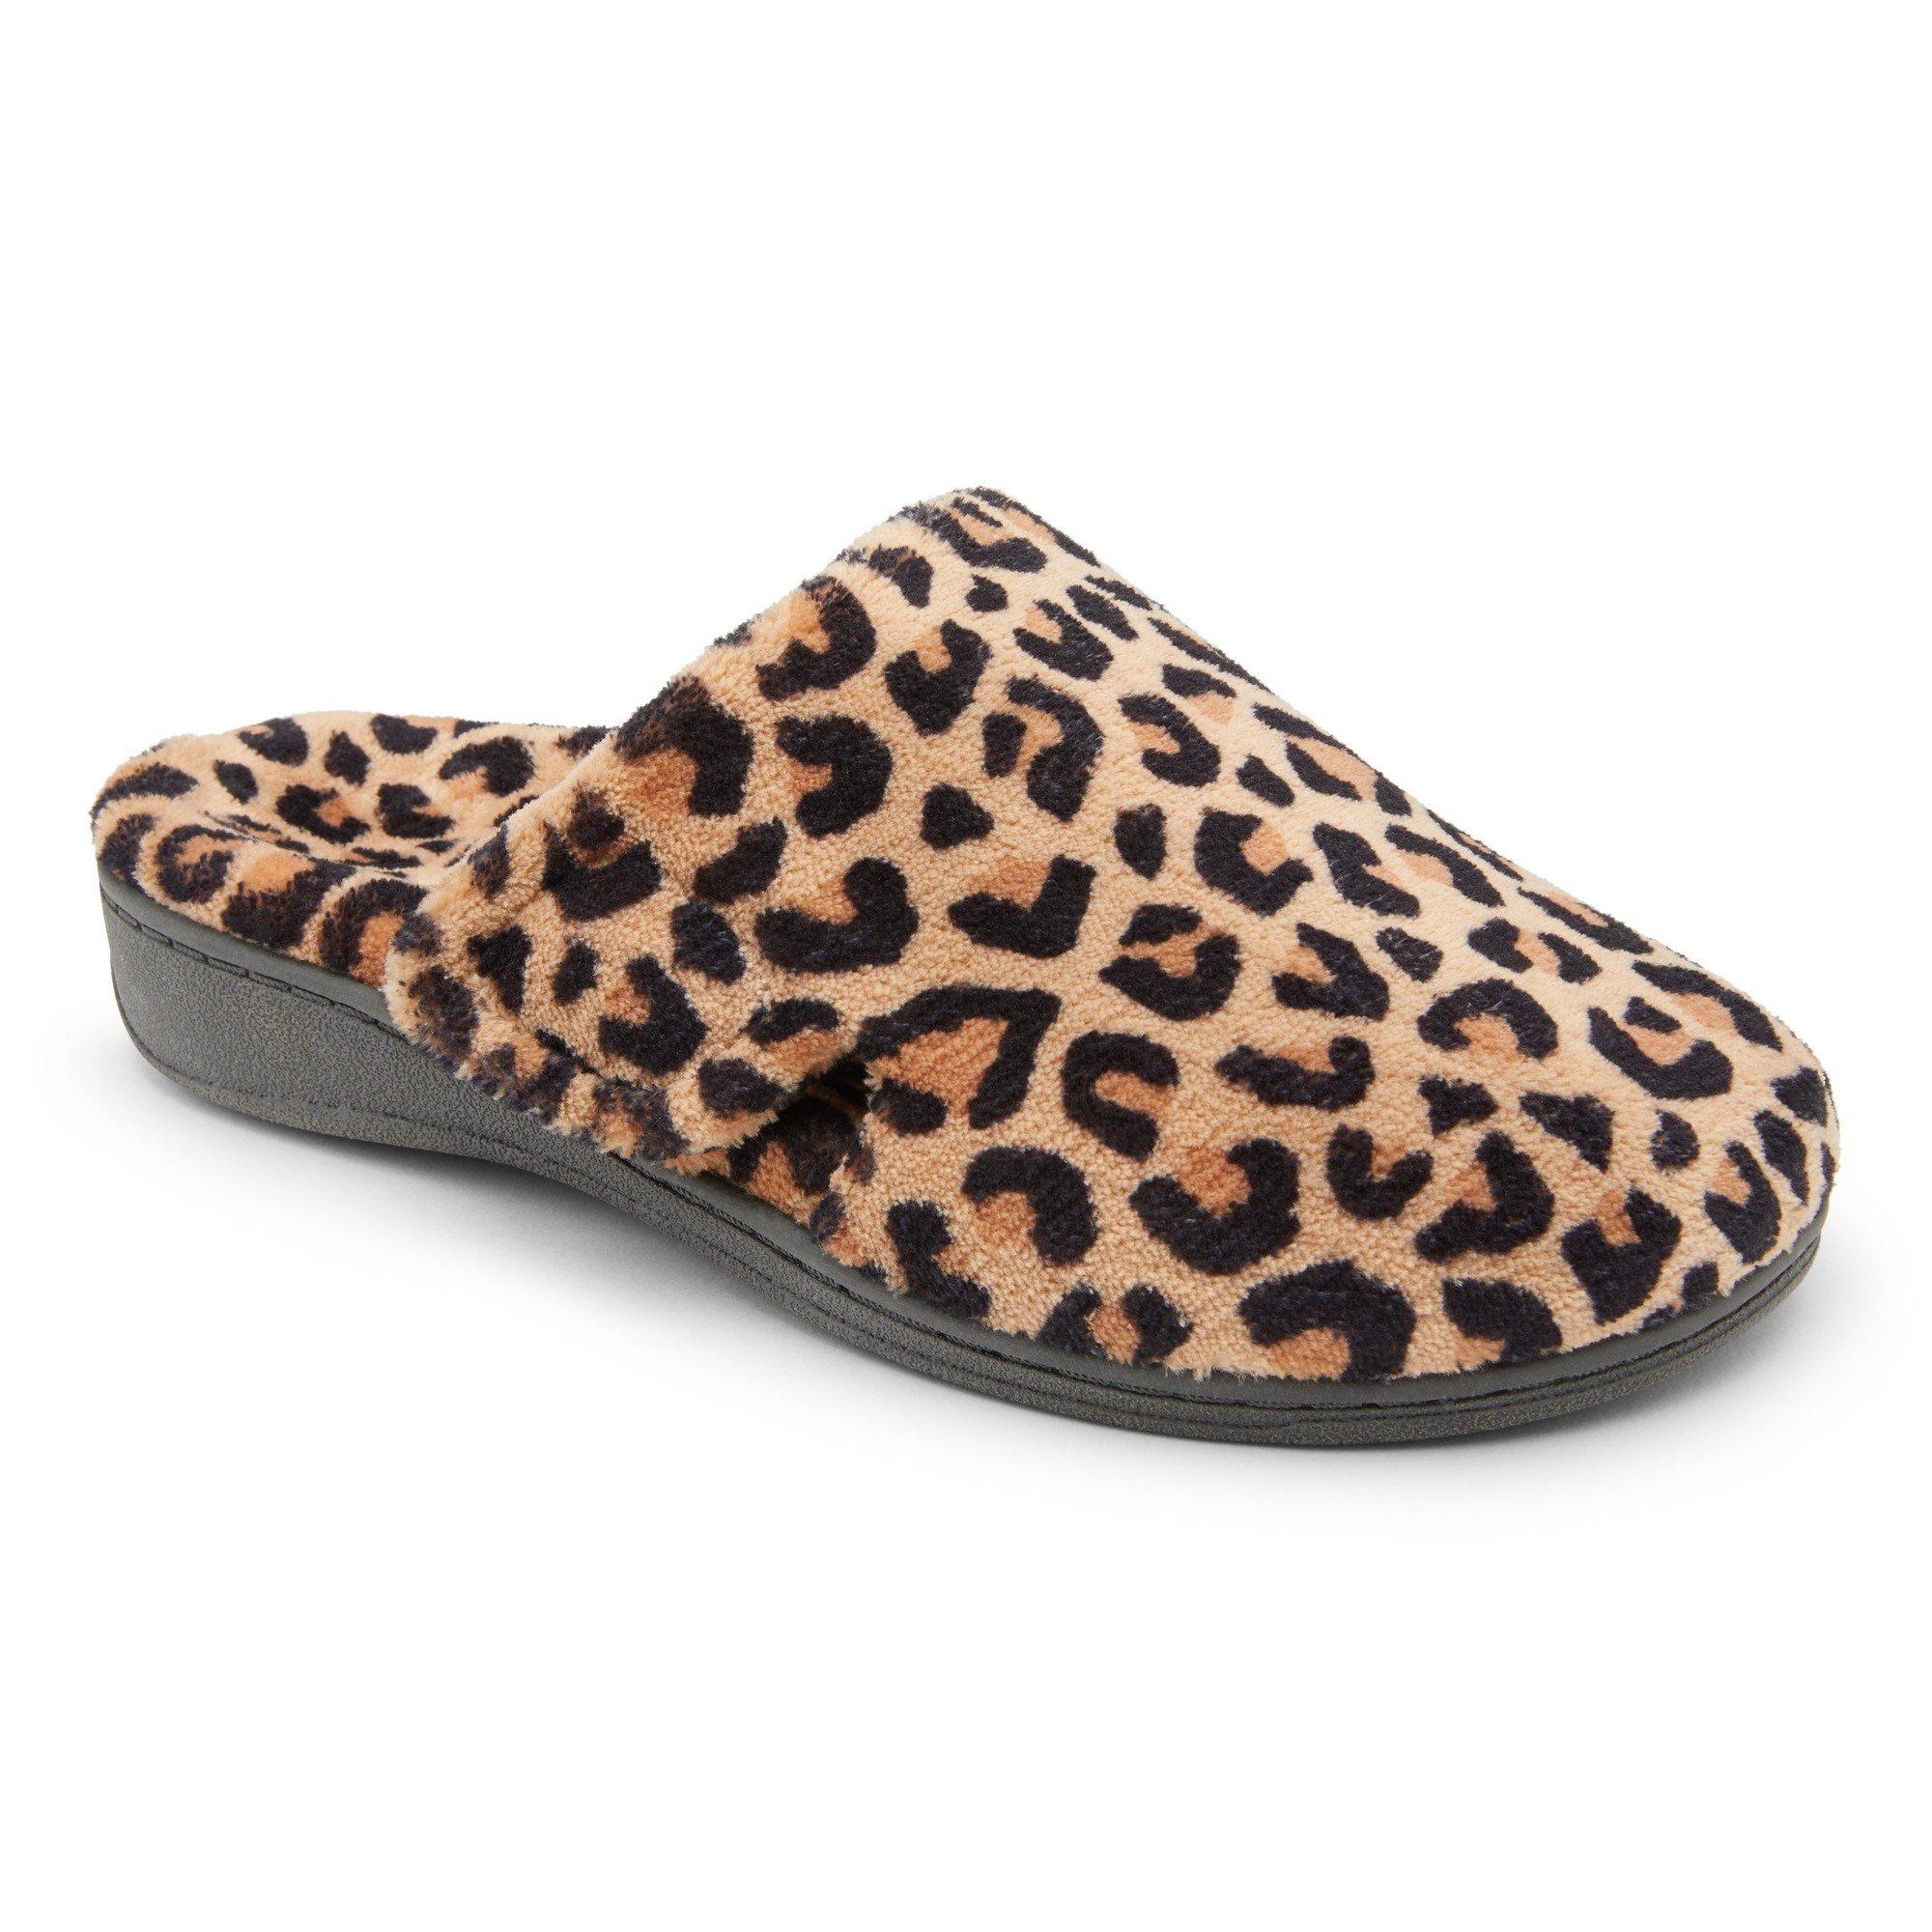 Indulge Gemma Leopard